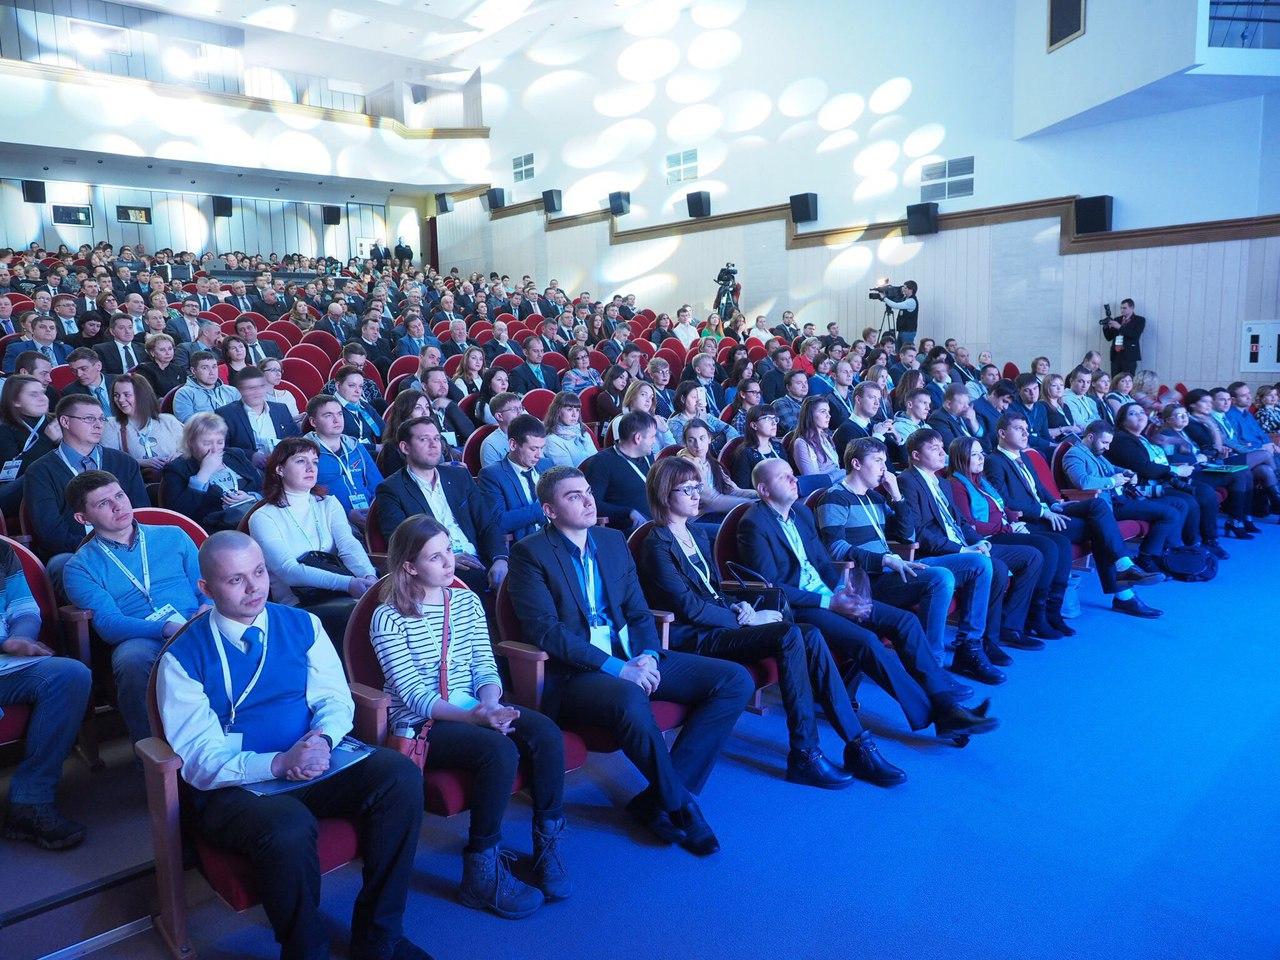 Сегодня будут подведены итоги Международного конкурса среди организаций и предприятий на лучшую систему работы с молодежью.